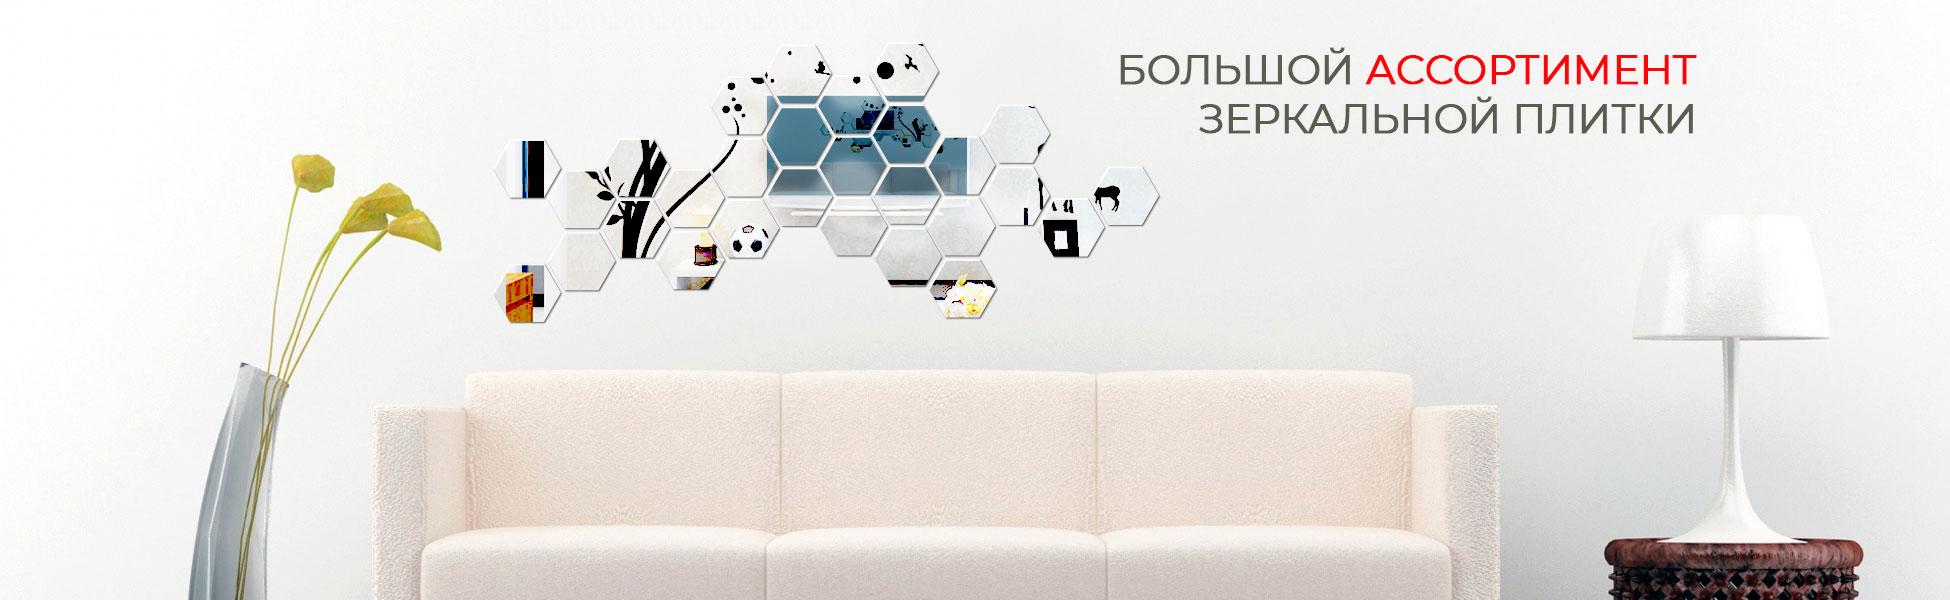 Зеркальная плитка и мозаика в Томске